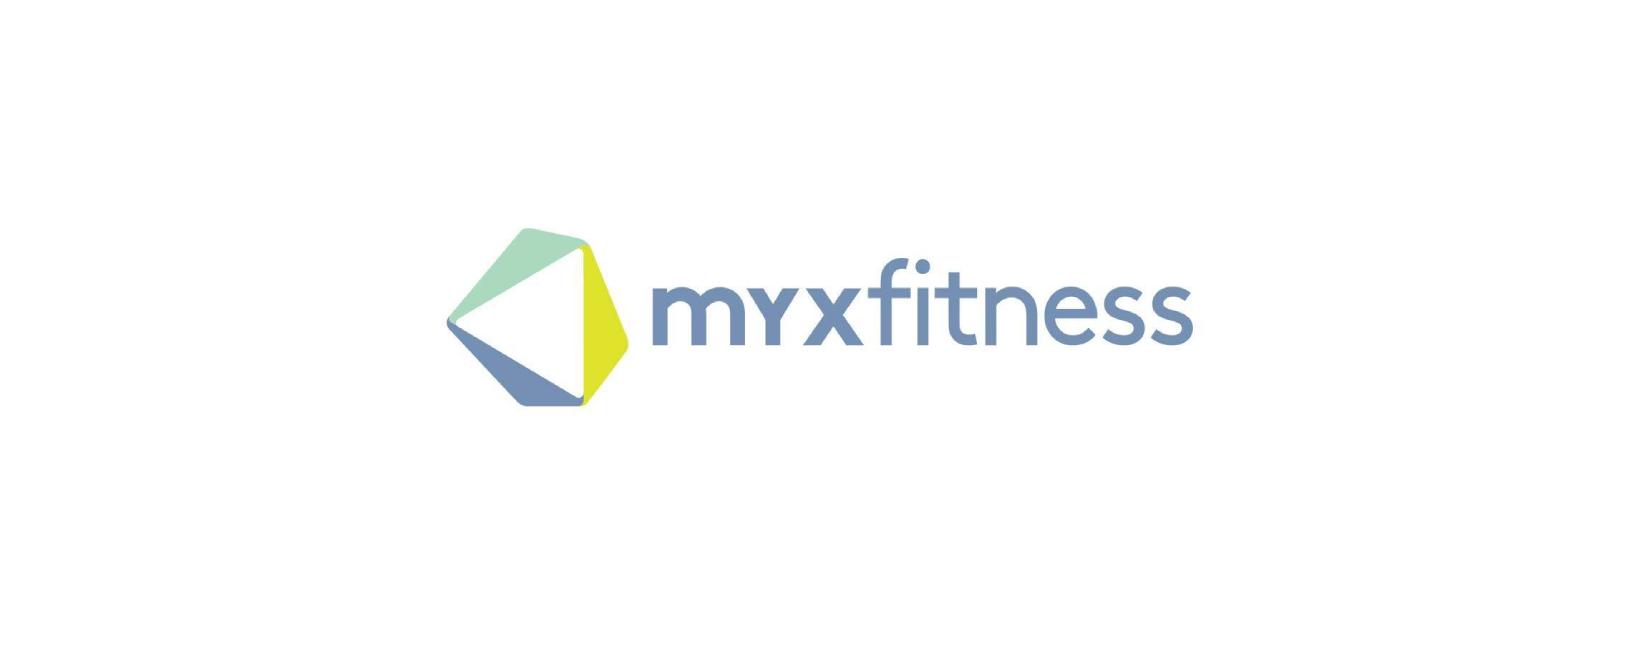 MYXfitness Discount Code 2021